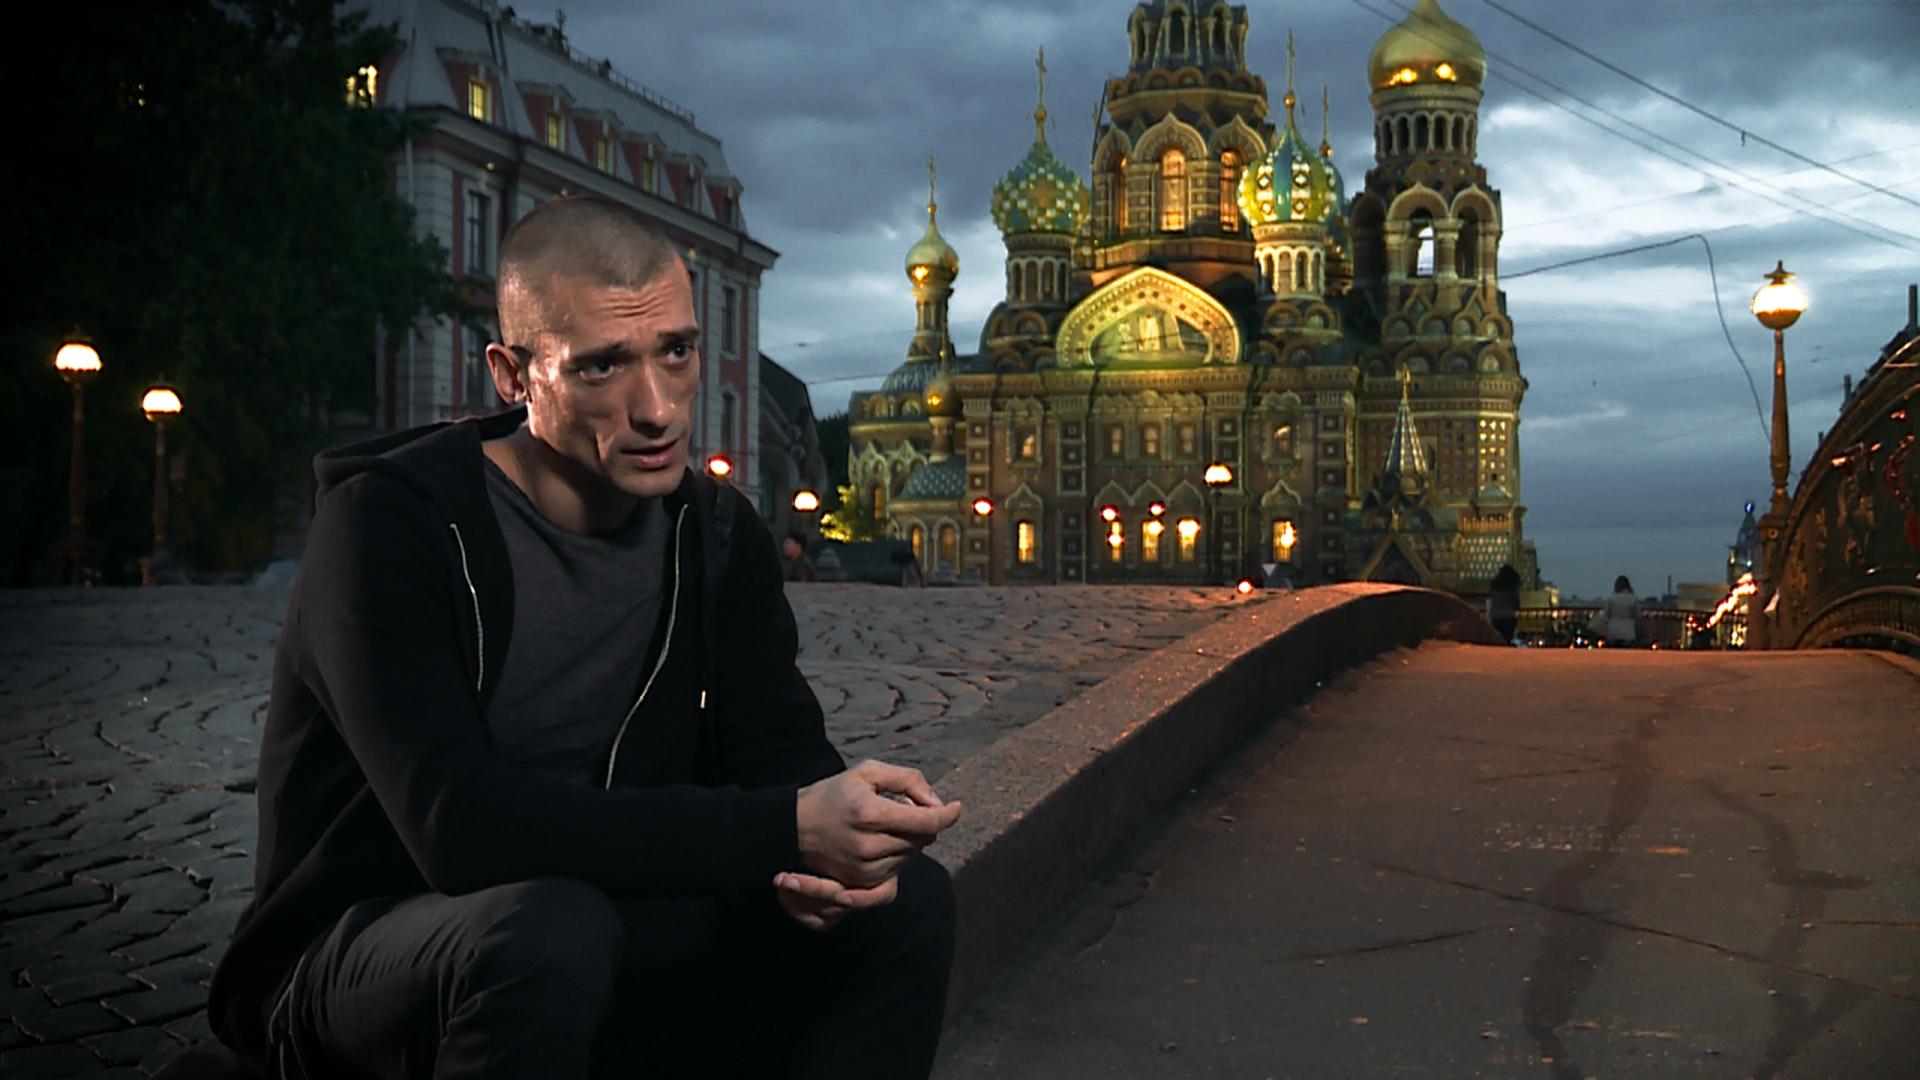 Pavlensky_filmstill03.jpg